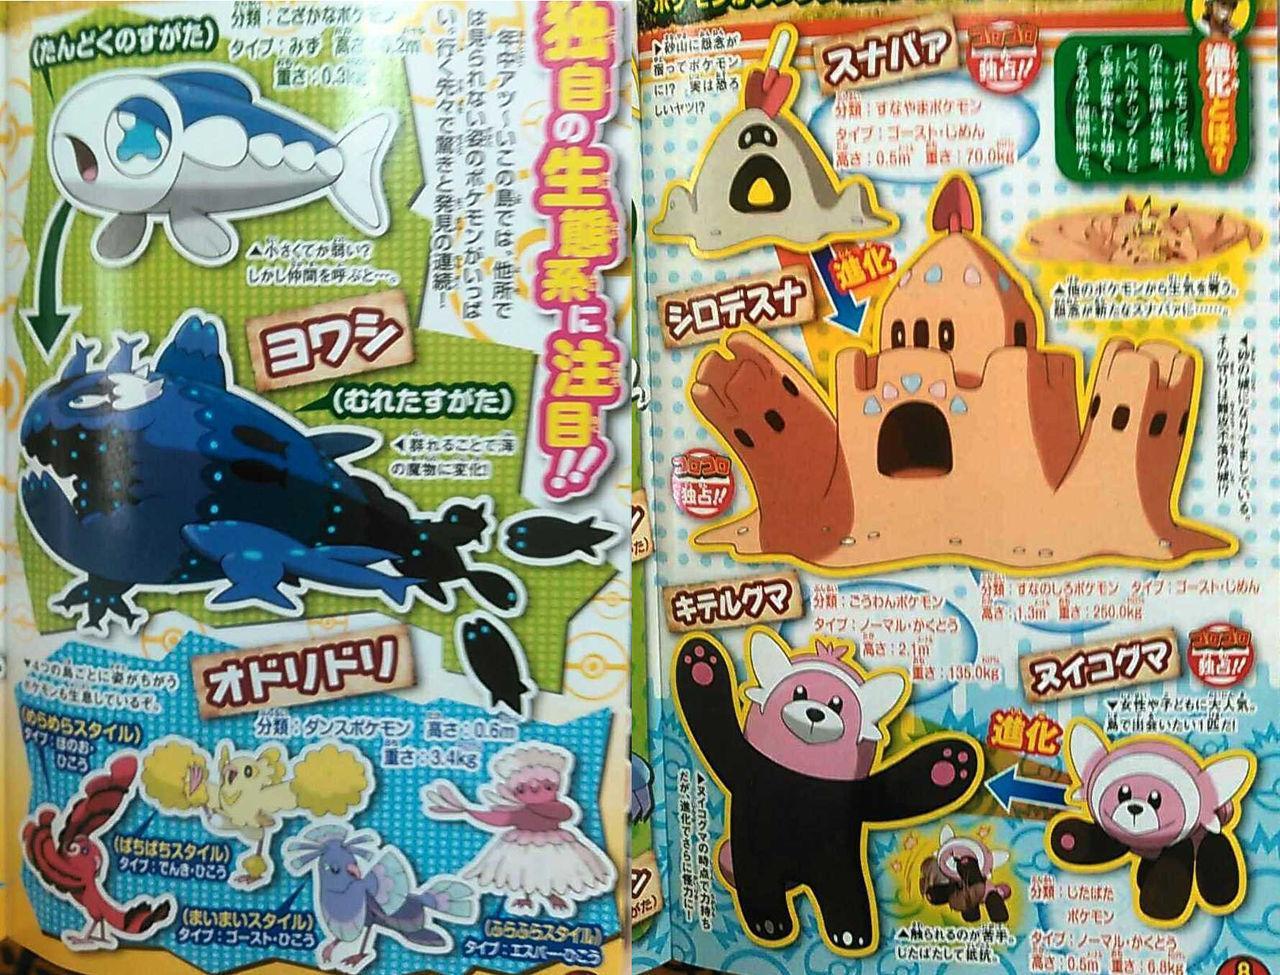 Videojuego >> Pokémon Sol y Pokémon Luna (23 de Noviembre) - Página 4 20168910487_1